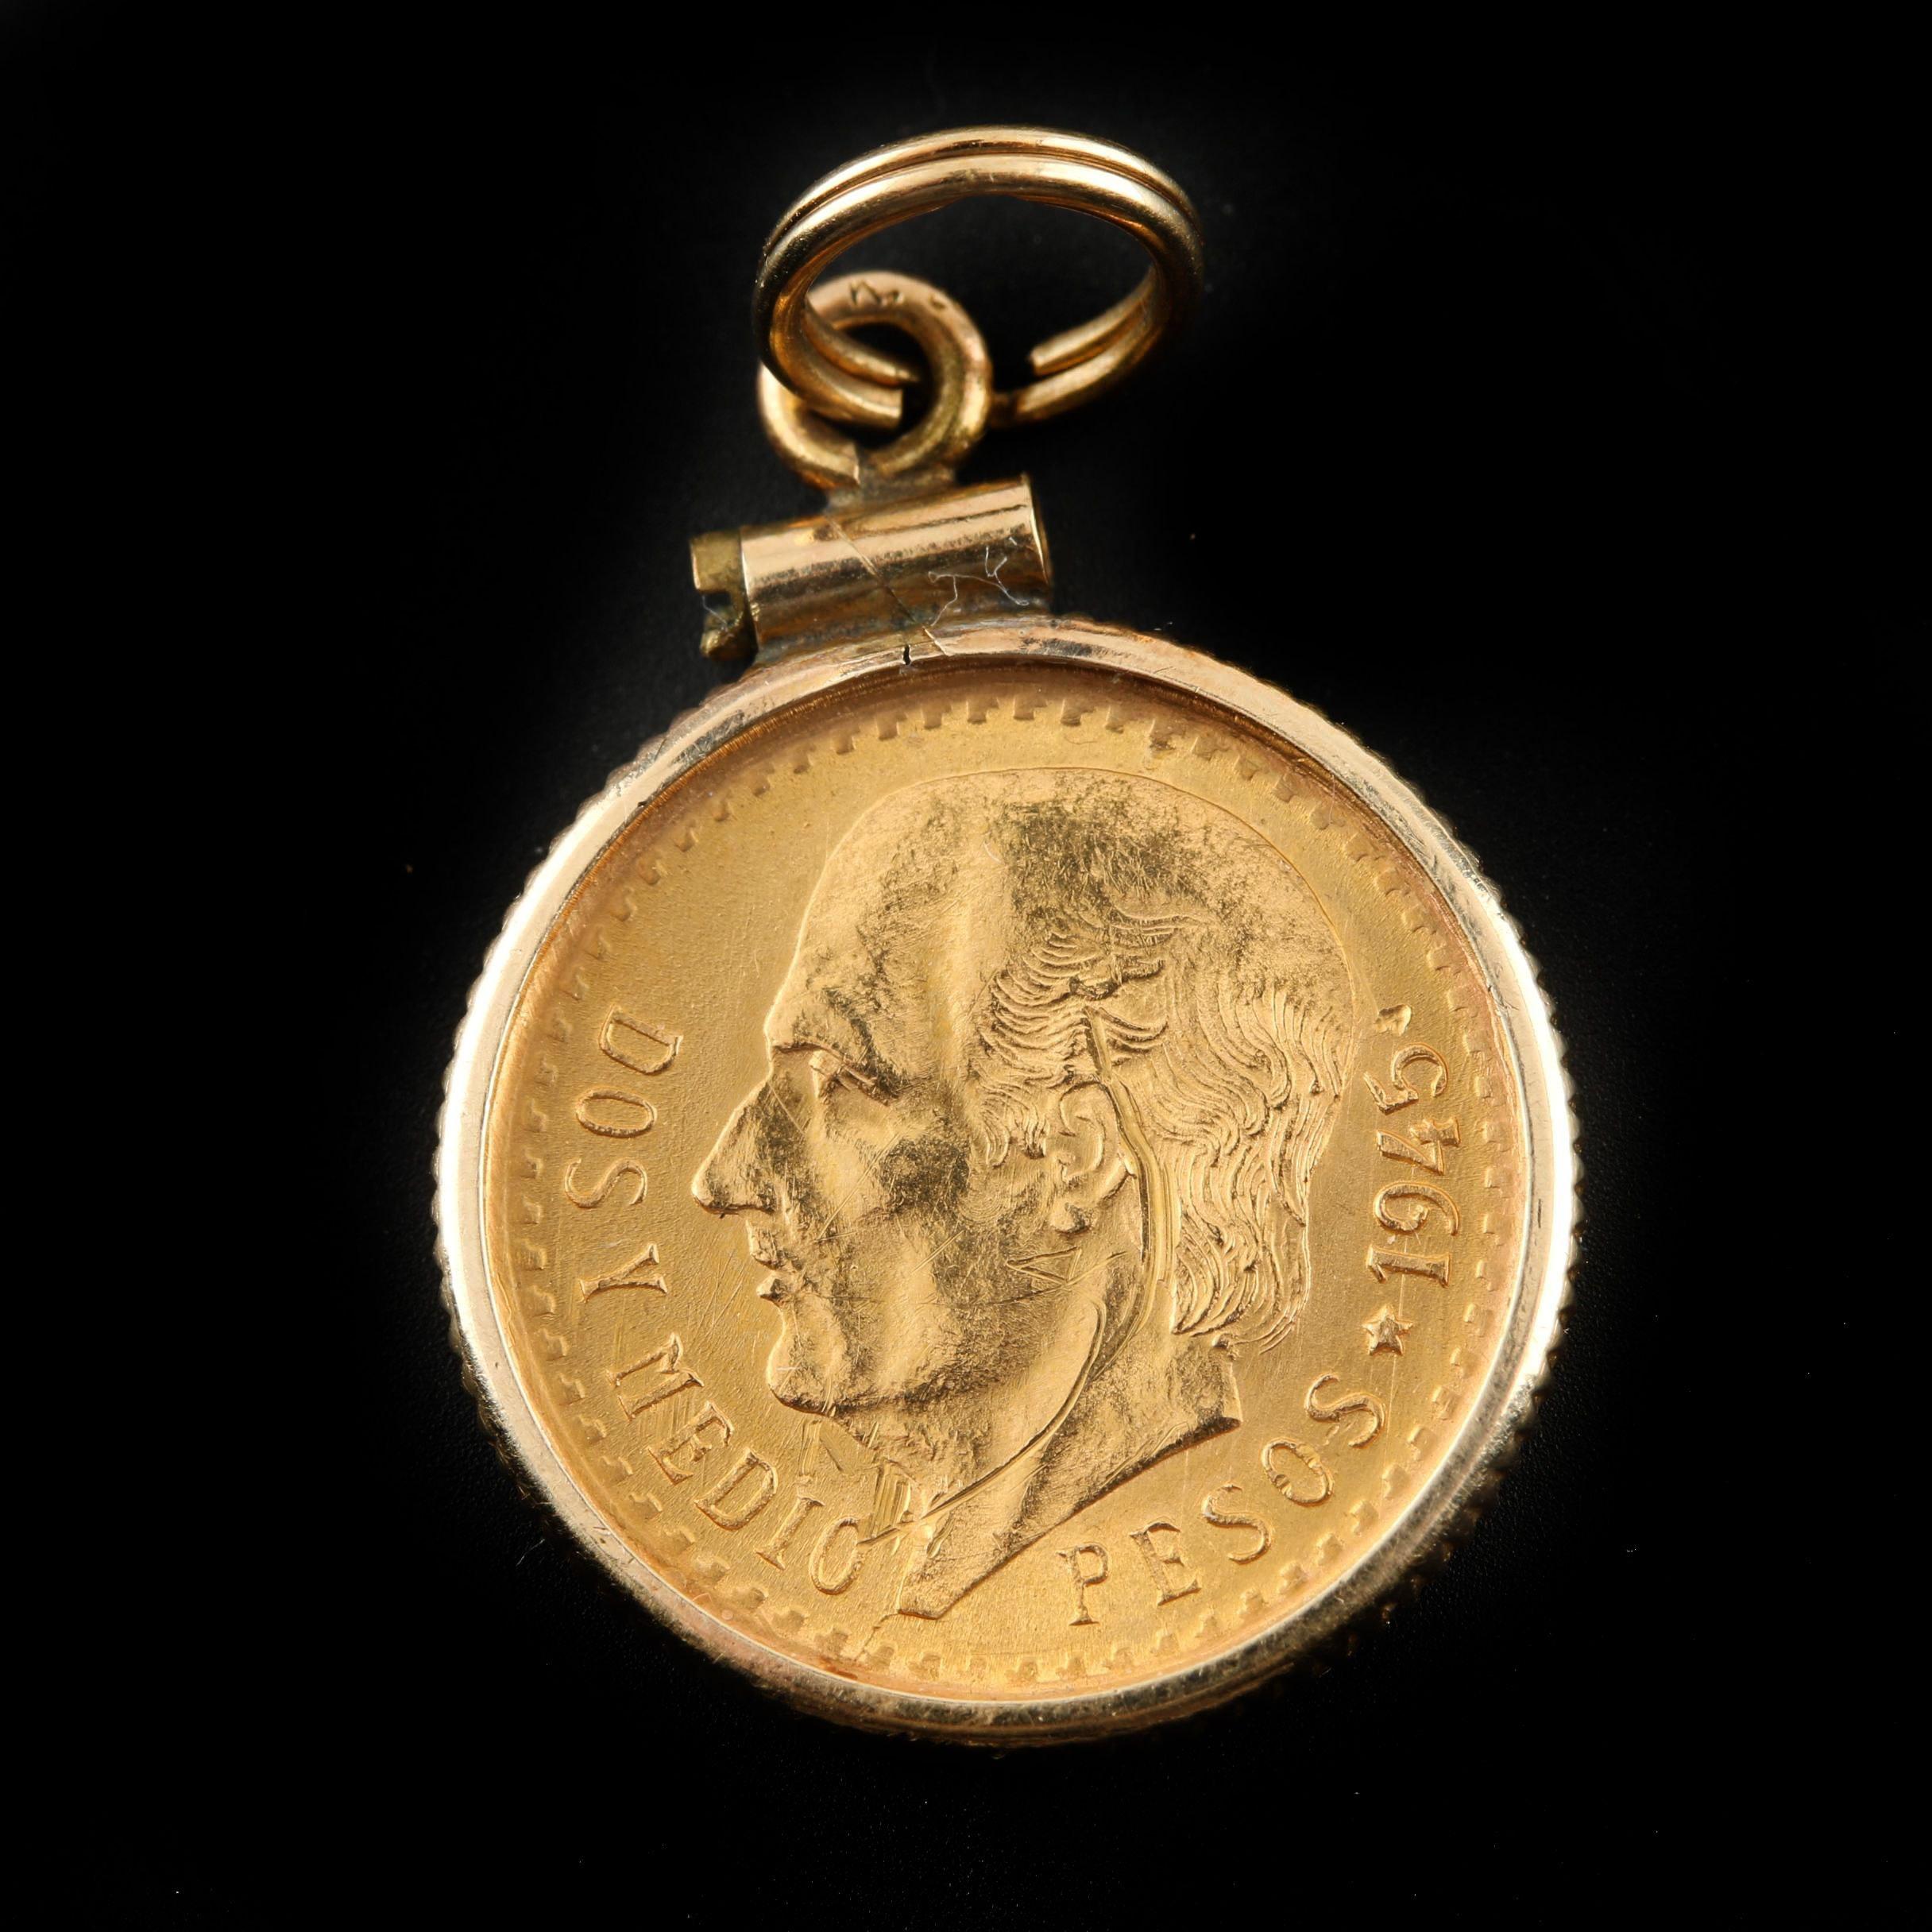 1945 Mexican 2 1/2 Peso Gold Coin